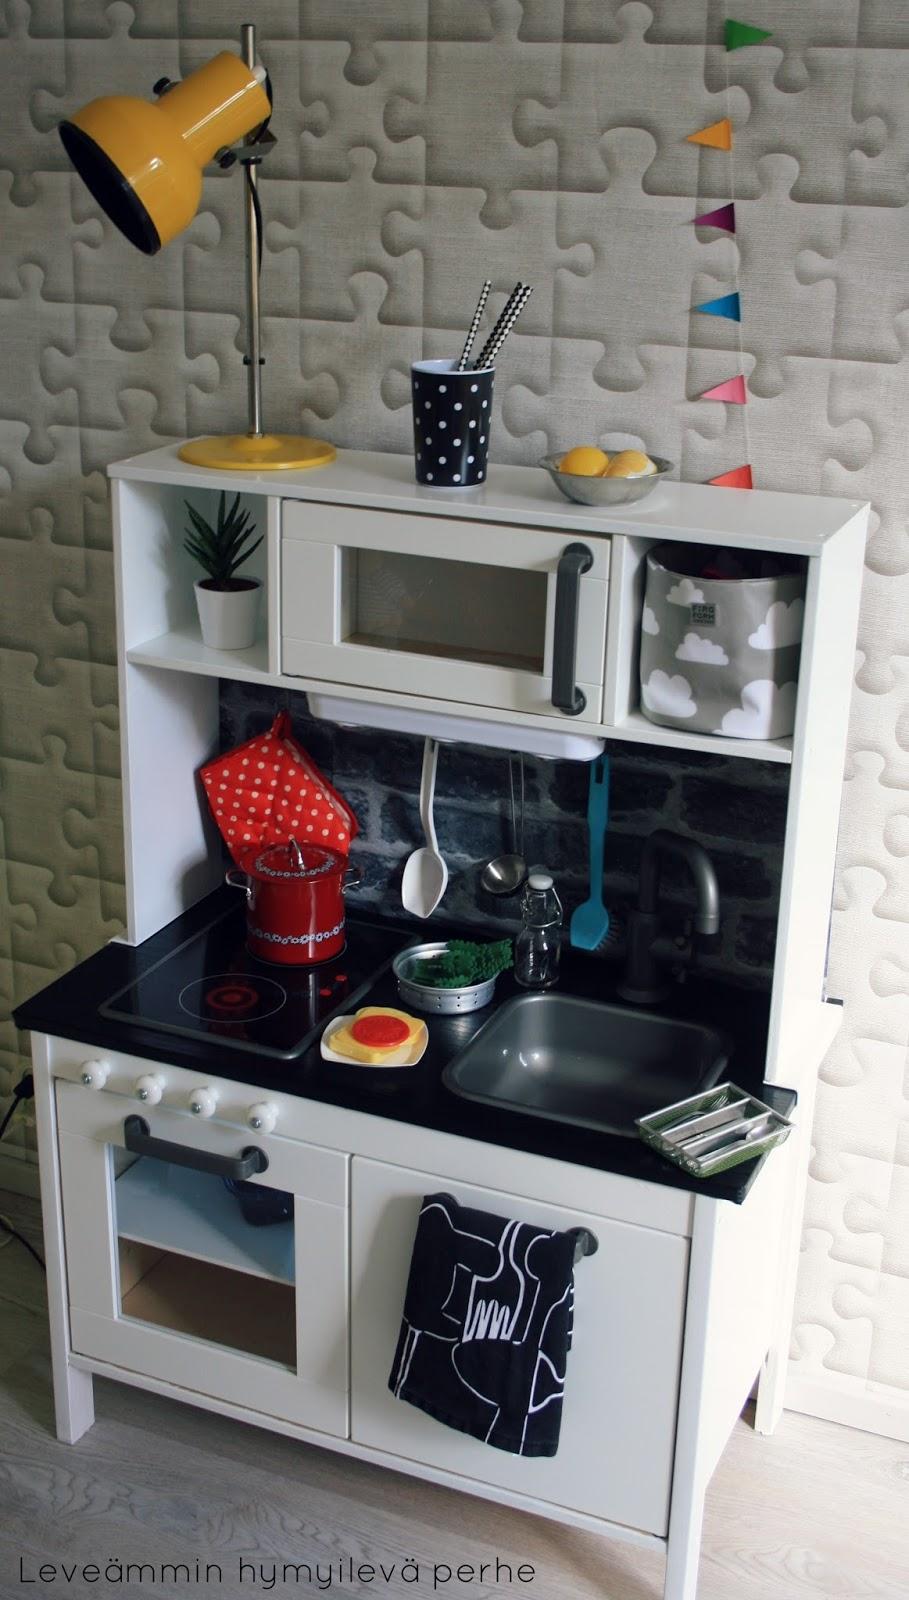 Ikea leikkikeittiö tuunaus – Teie vaimustus stiil